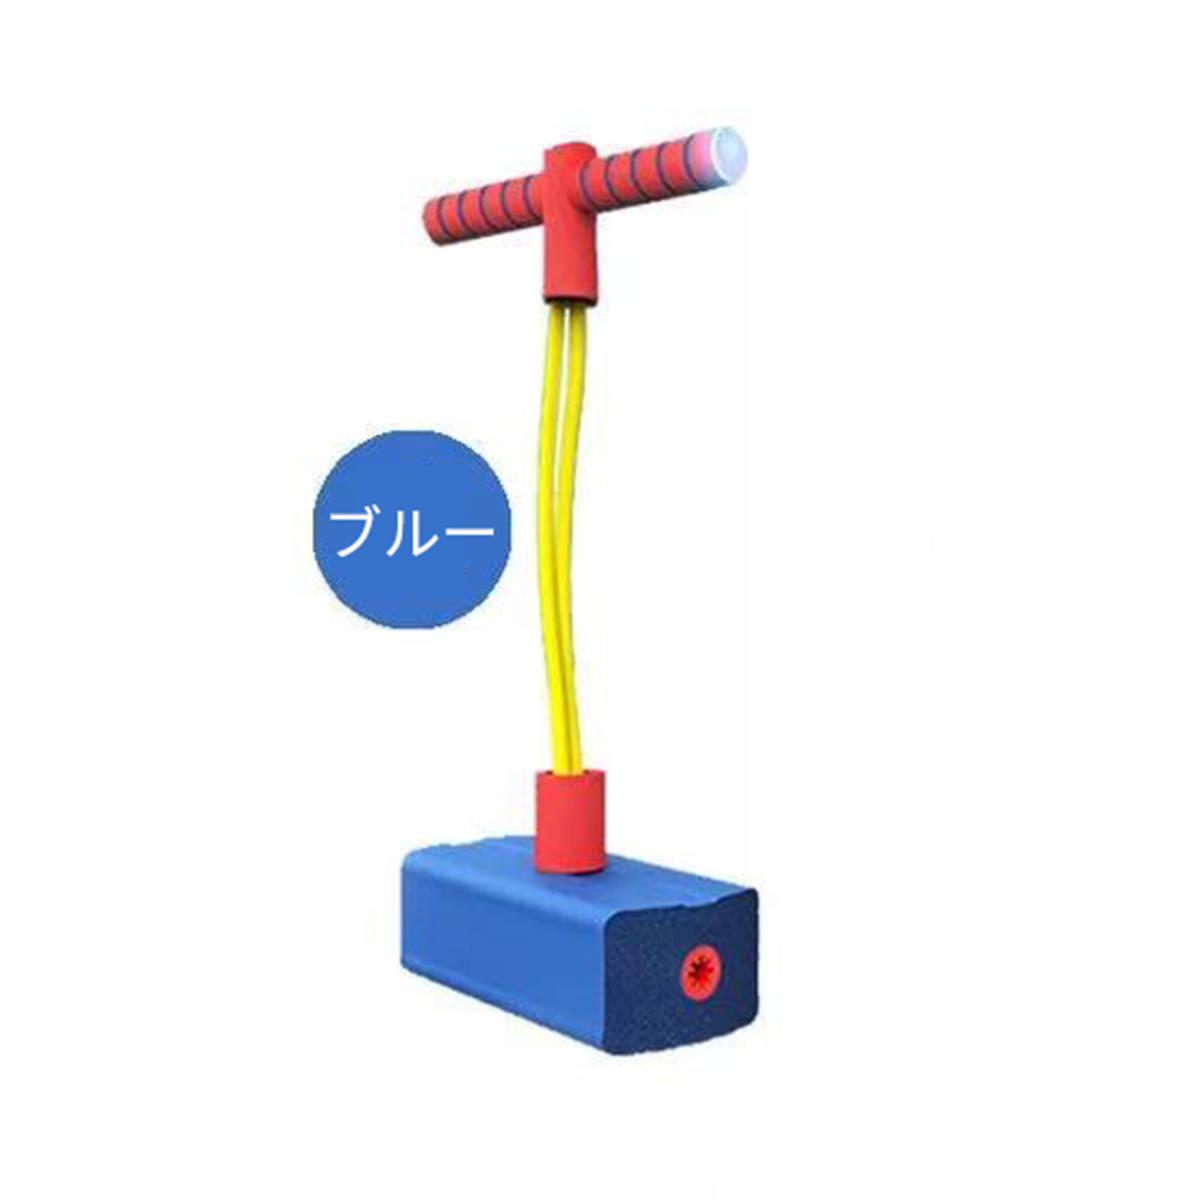 ジャンパー ジャンピング玩具 バランスホッピング 3歳4歳大人室内室外  ブルー